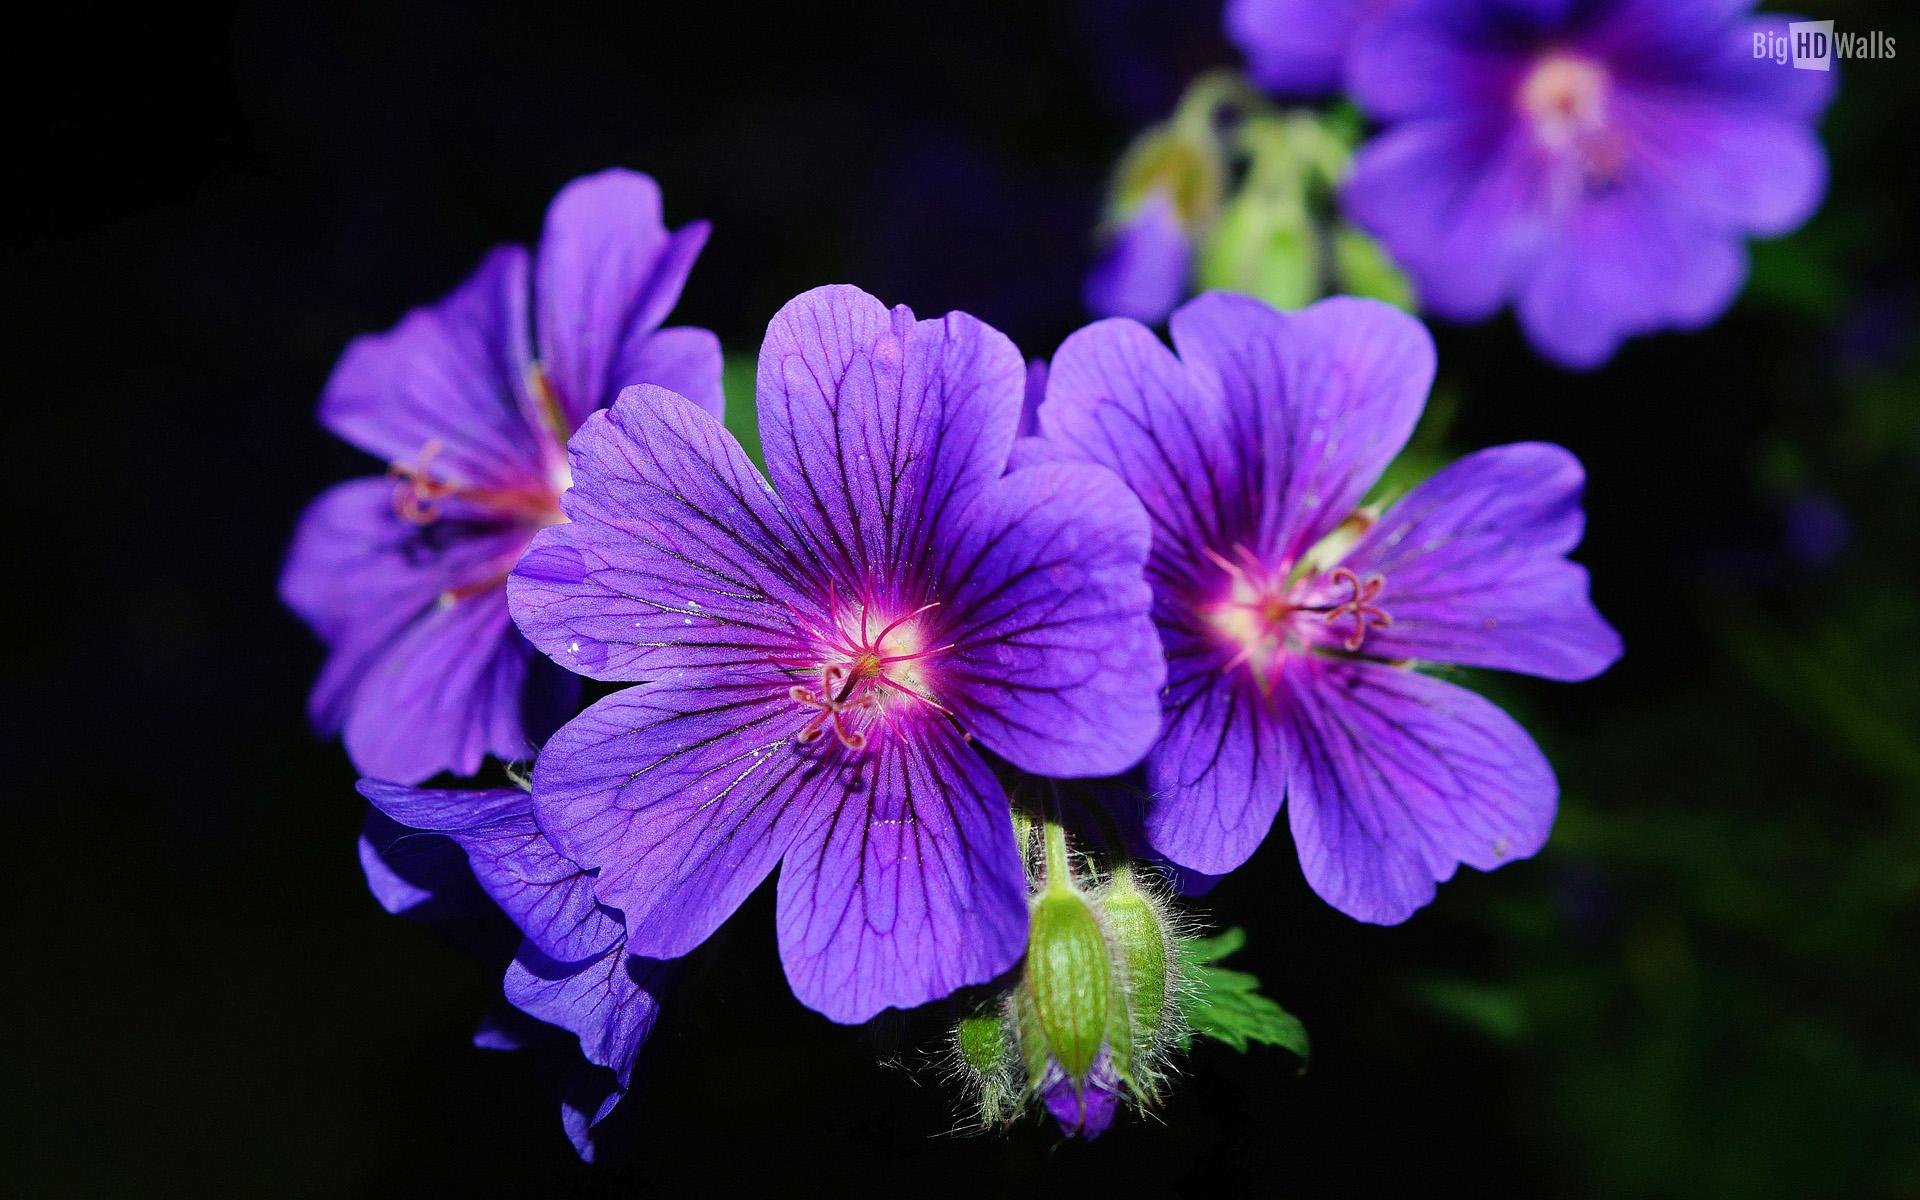 بالصور صور ورود روعه , اشكال تحفه من اجمل الزهور 2498 7